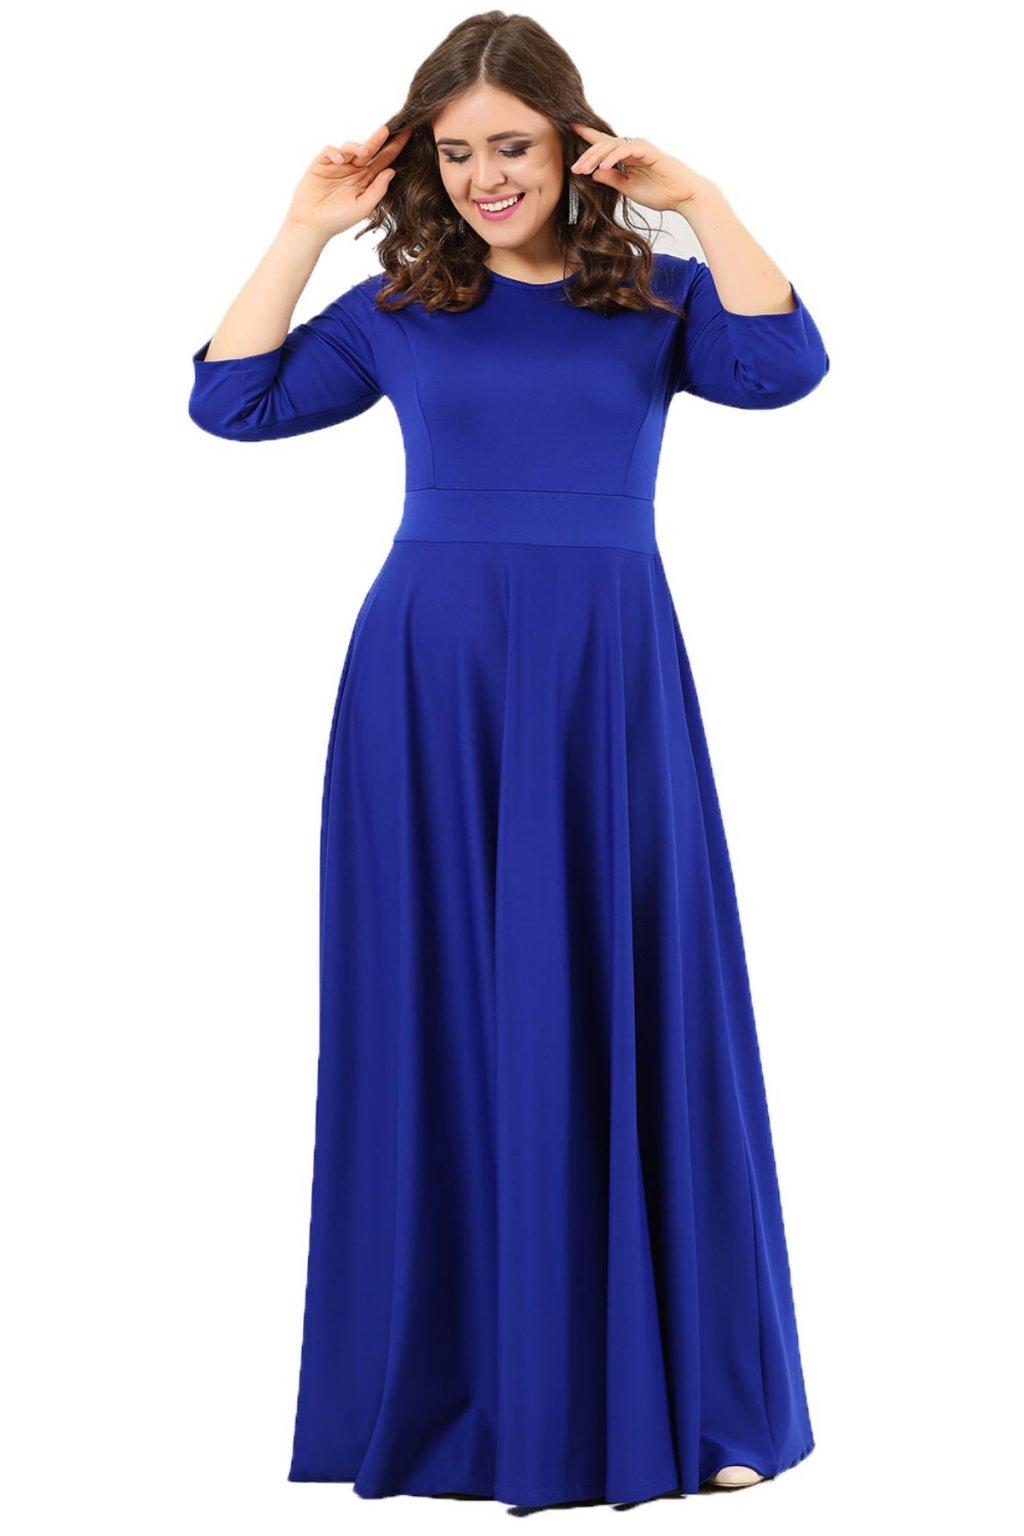 Dlouhé šaty Paola královská morá 1